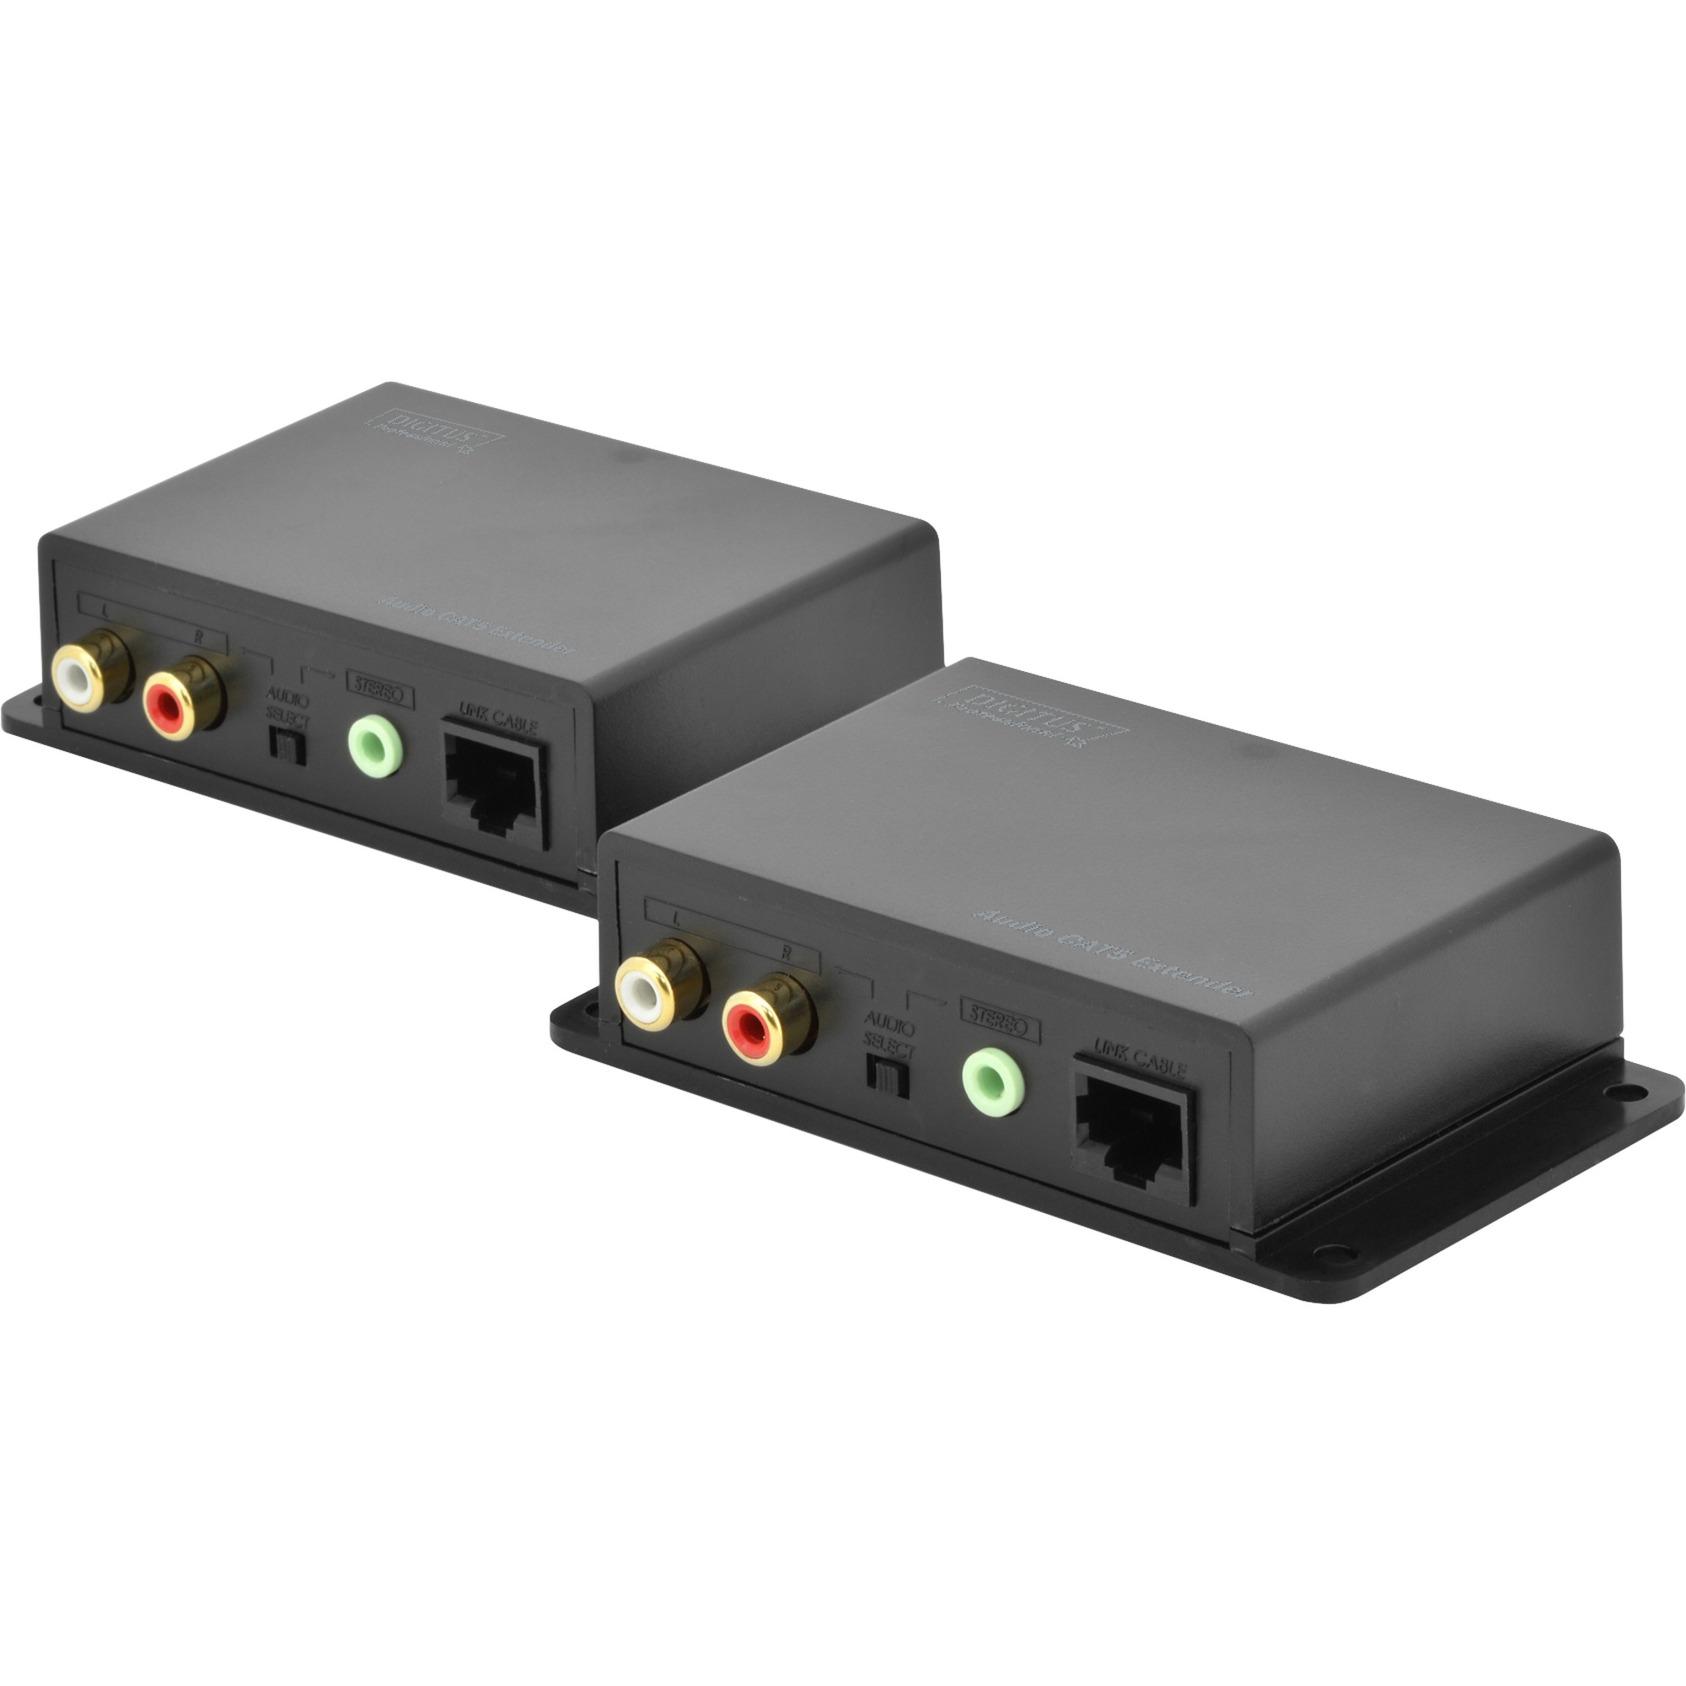 DS-56100 Network transmitter & receiver Noir prolongateur réseau, Module d'extension